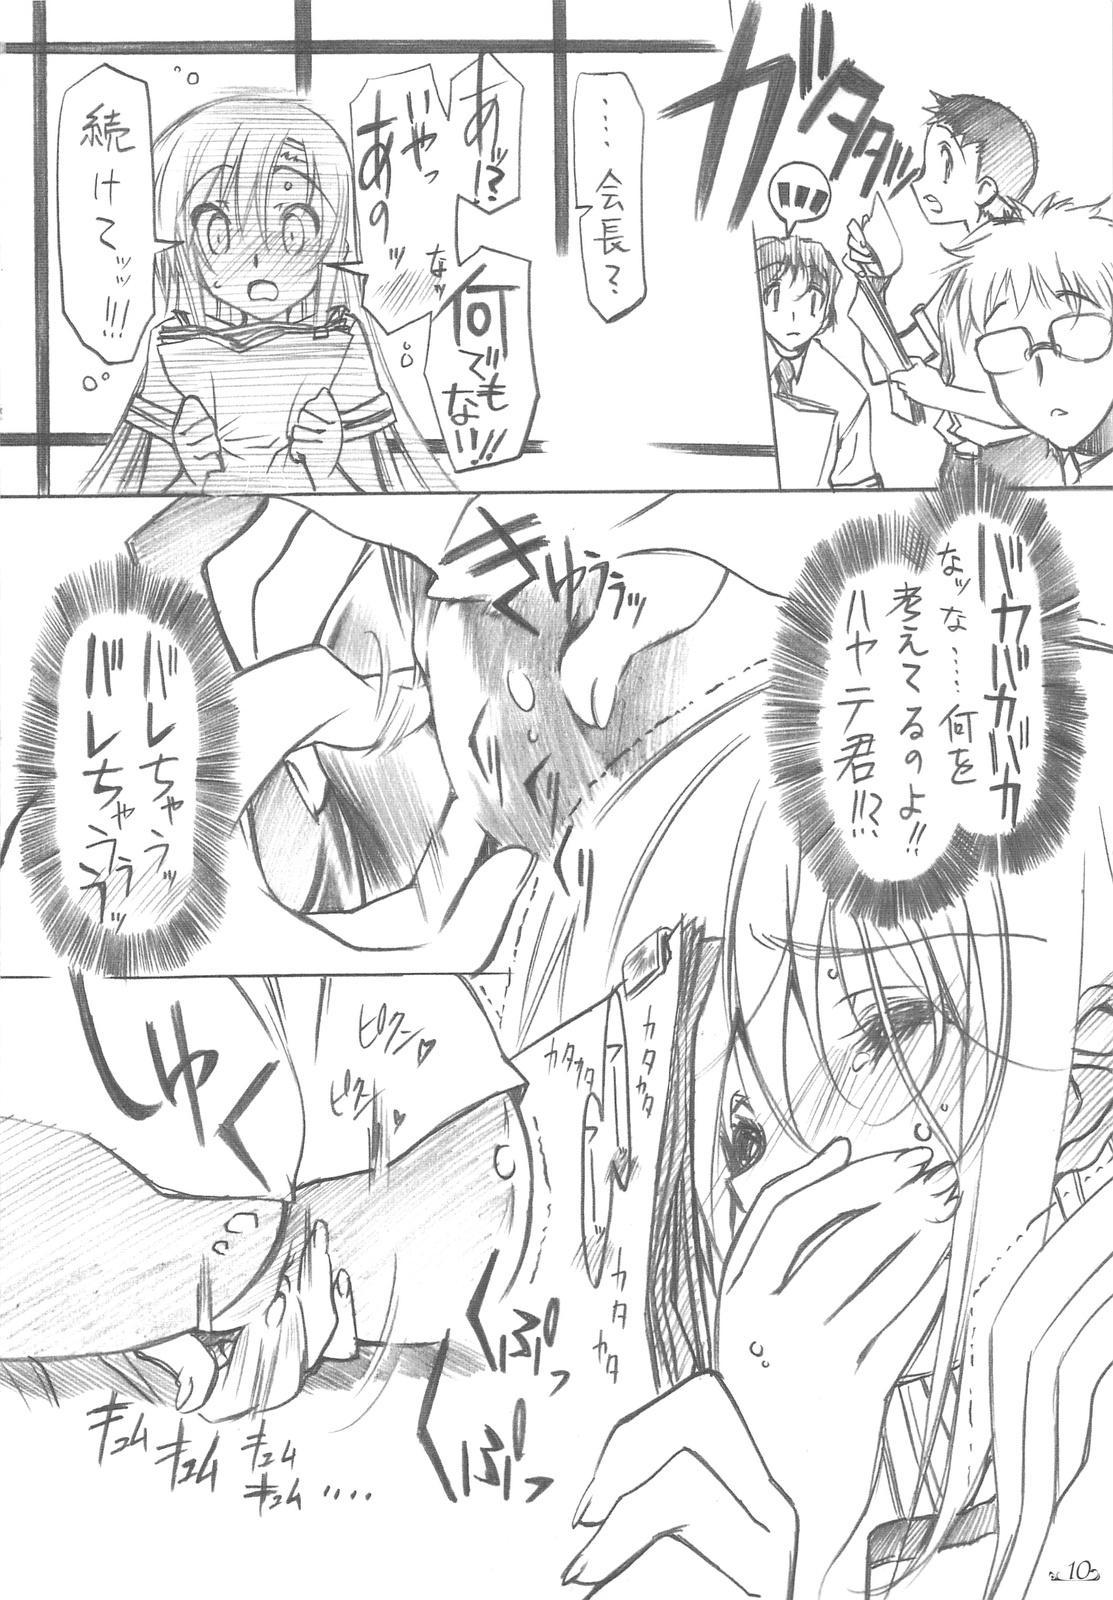 Honogurai Taku no Shita Kara 8